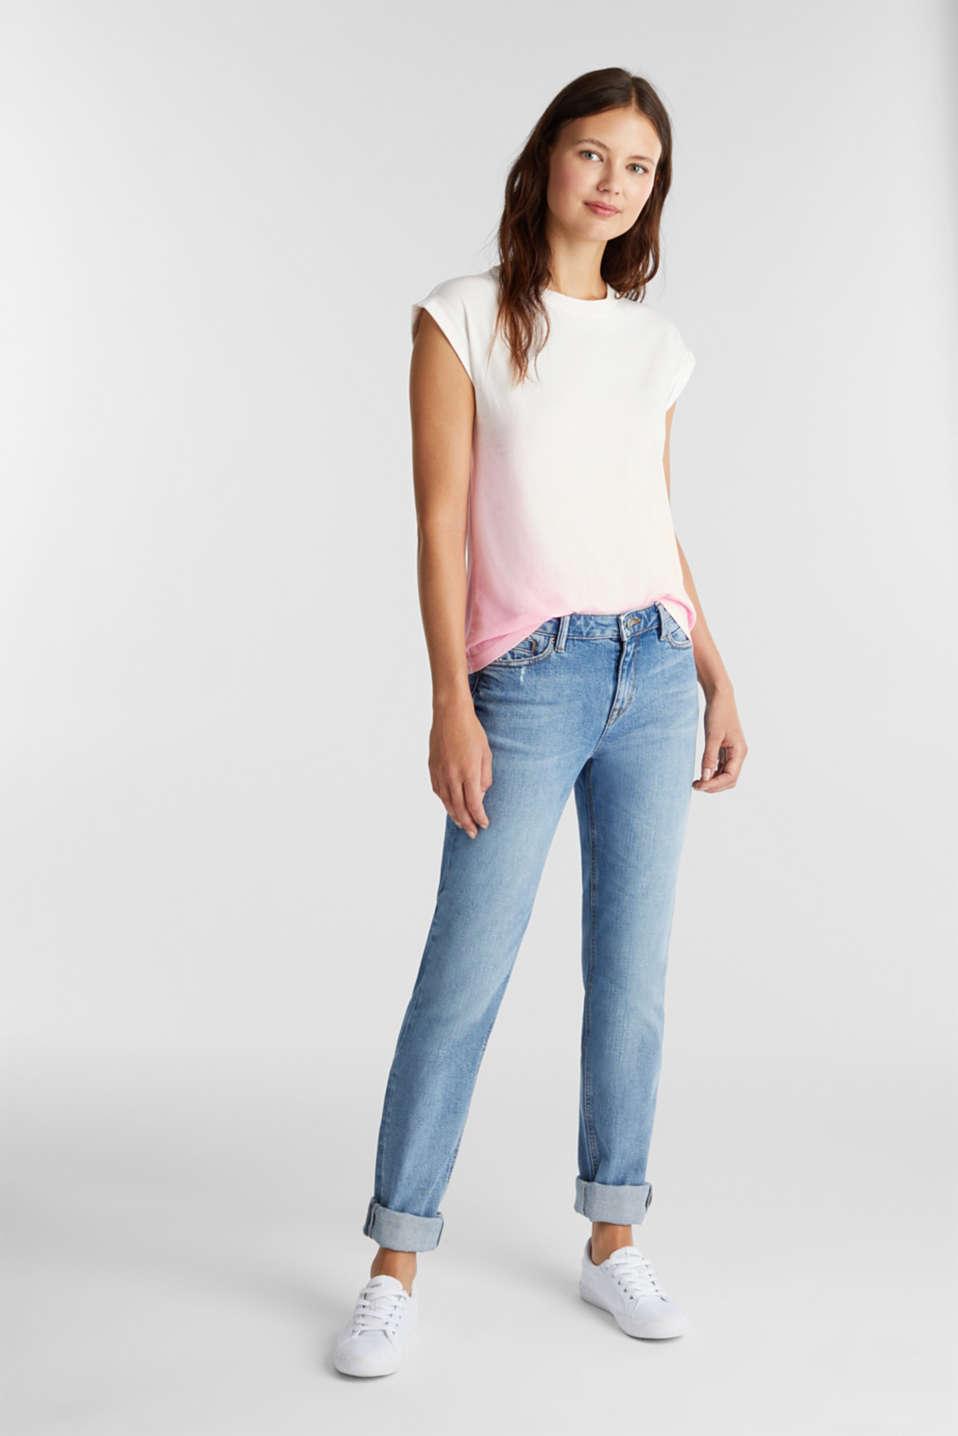 Dip-dye top, organic cotton, PINK, detail image number 1